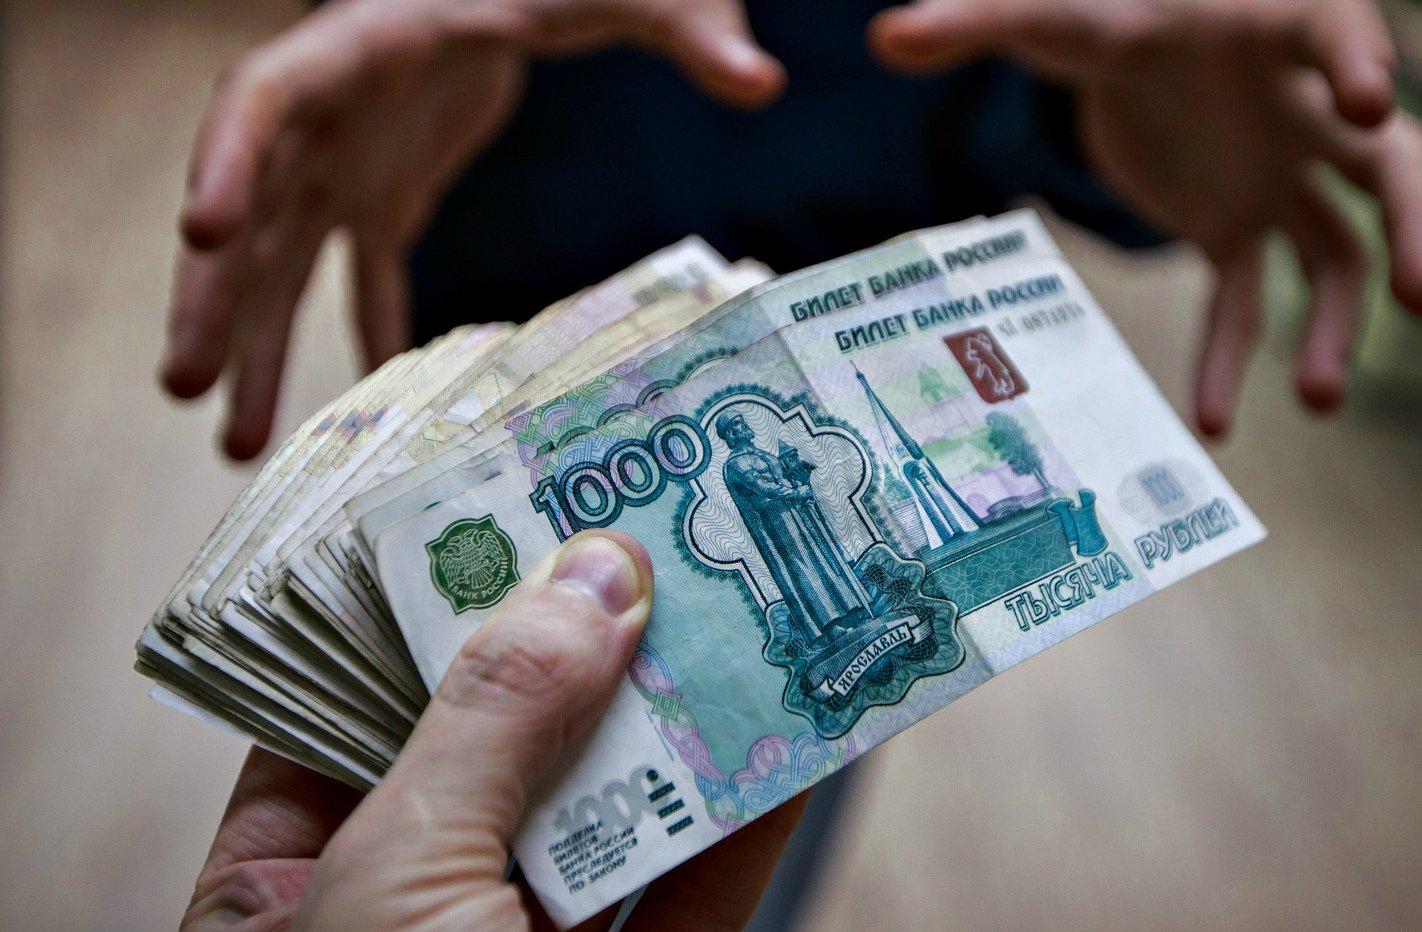 люди дающие деньги в долг 50тыс рублей предлагает вашему вниманию